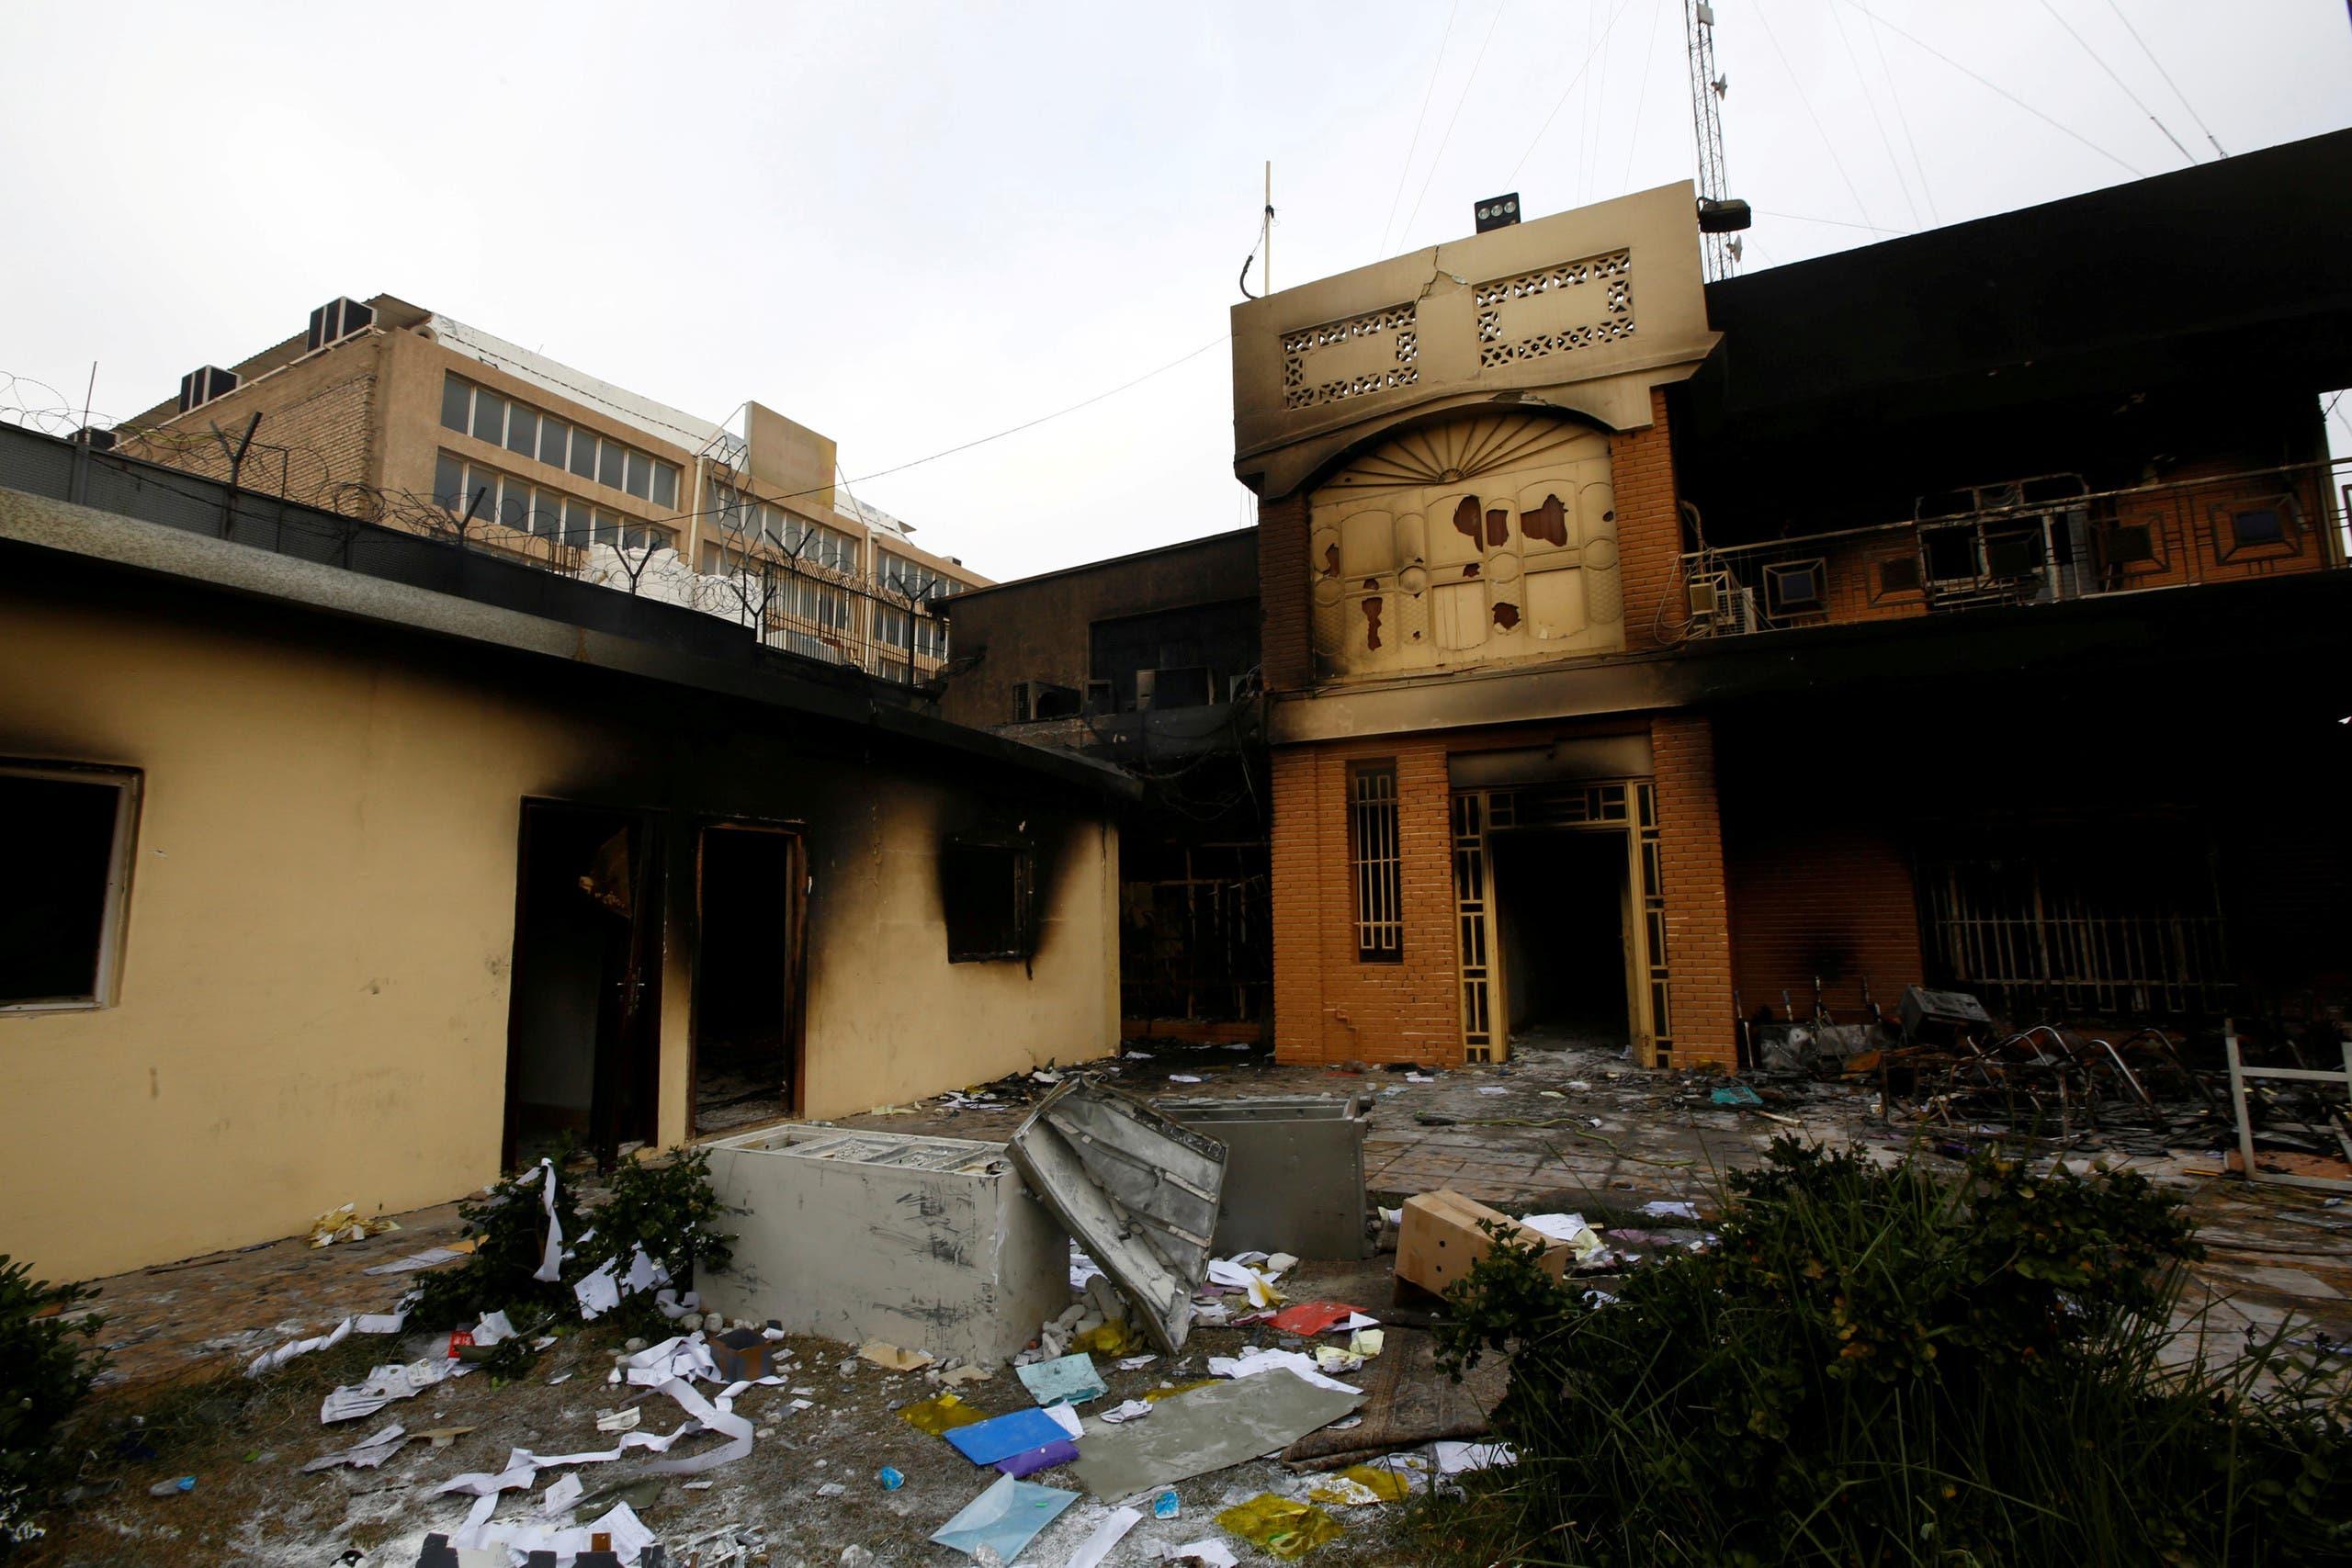 حرق القنصلية الإيرانية في النجف(فرانس برس)